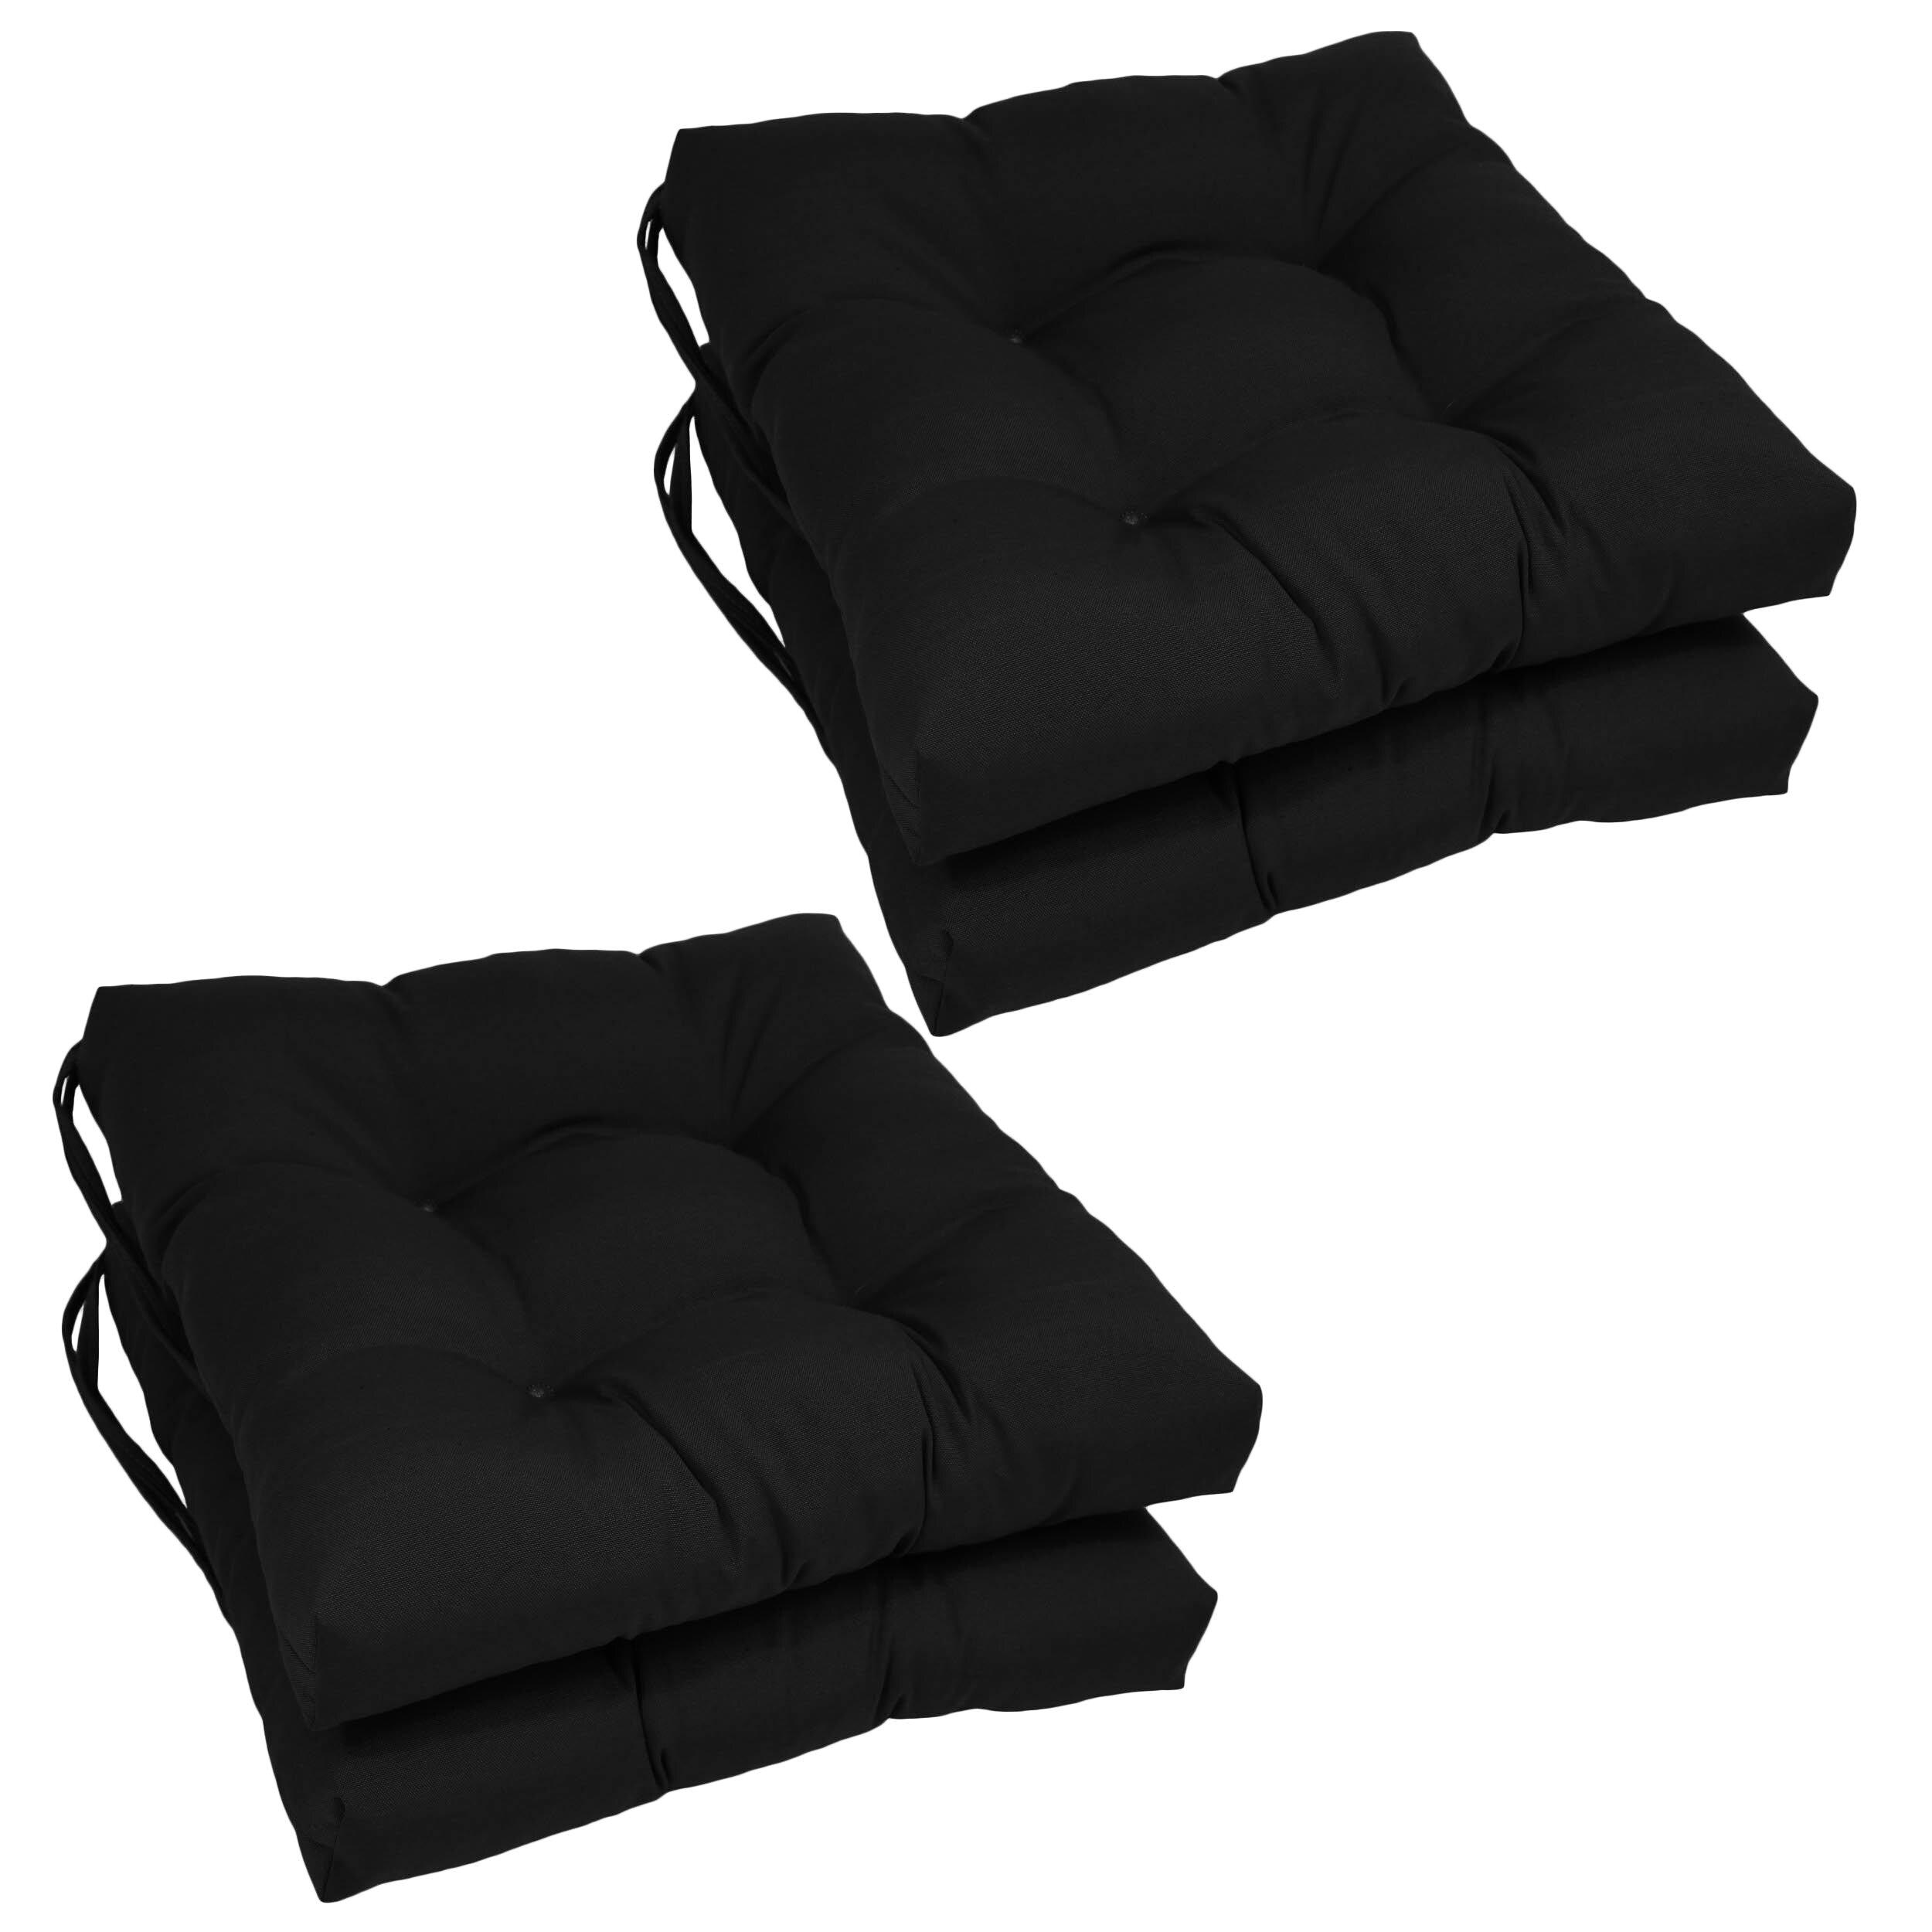 Wayfair Black Chair Seat Cushions You Ll Love In 2021